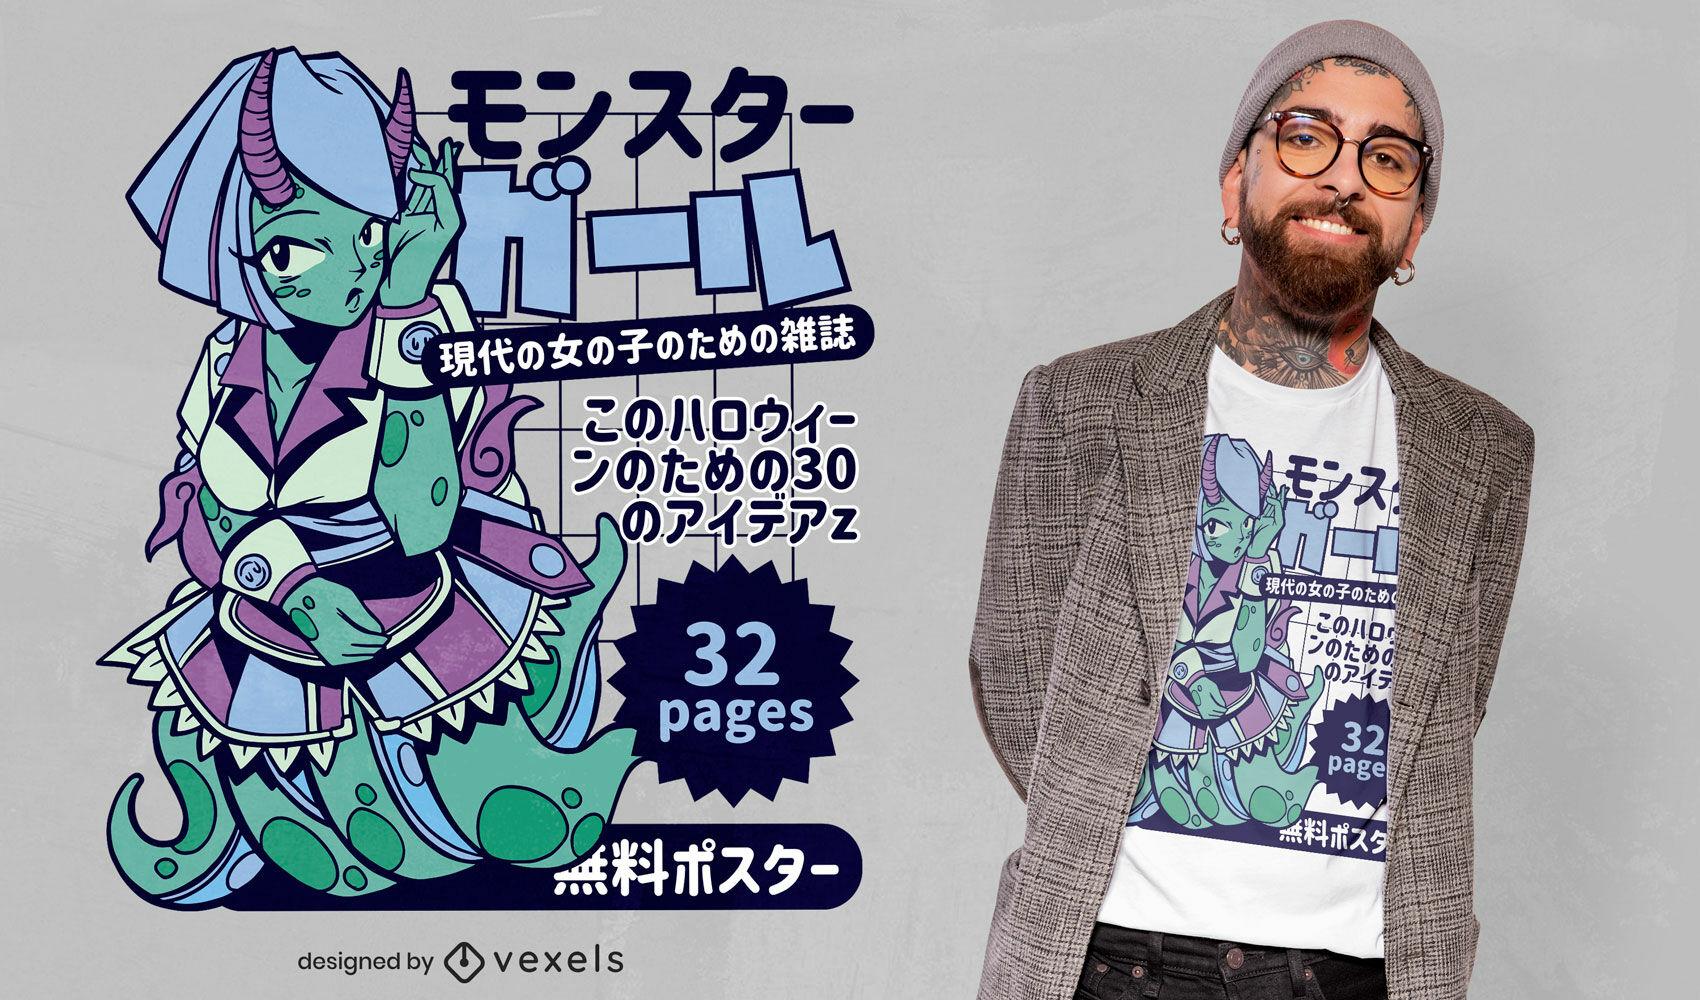 Dise?o de camiseta de anime monster girl